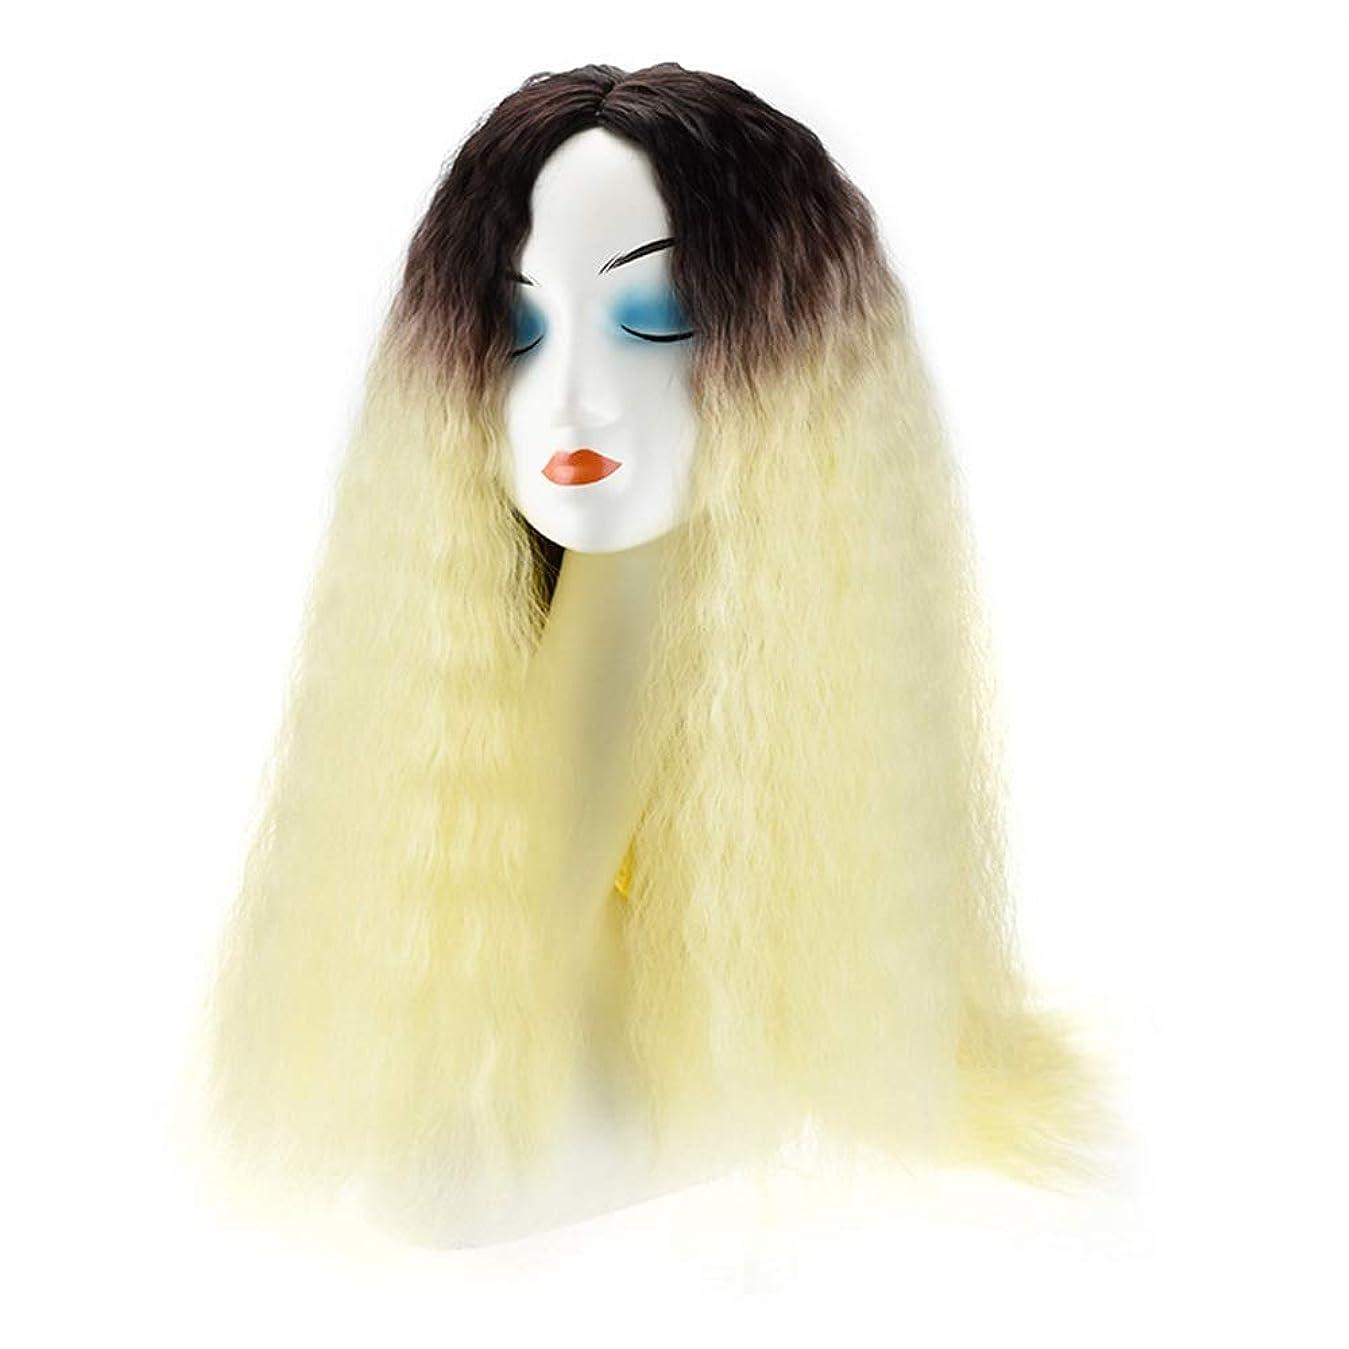 落花生素人移植BOBIDYEE 20インチブロンド変態ストレートコーンホットウィッグファッションビッグウェーブロングヘア人工毛用女性毎日のドレスパーティーかつら (色 : Blonde)